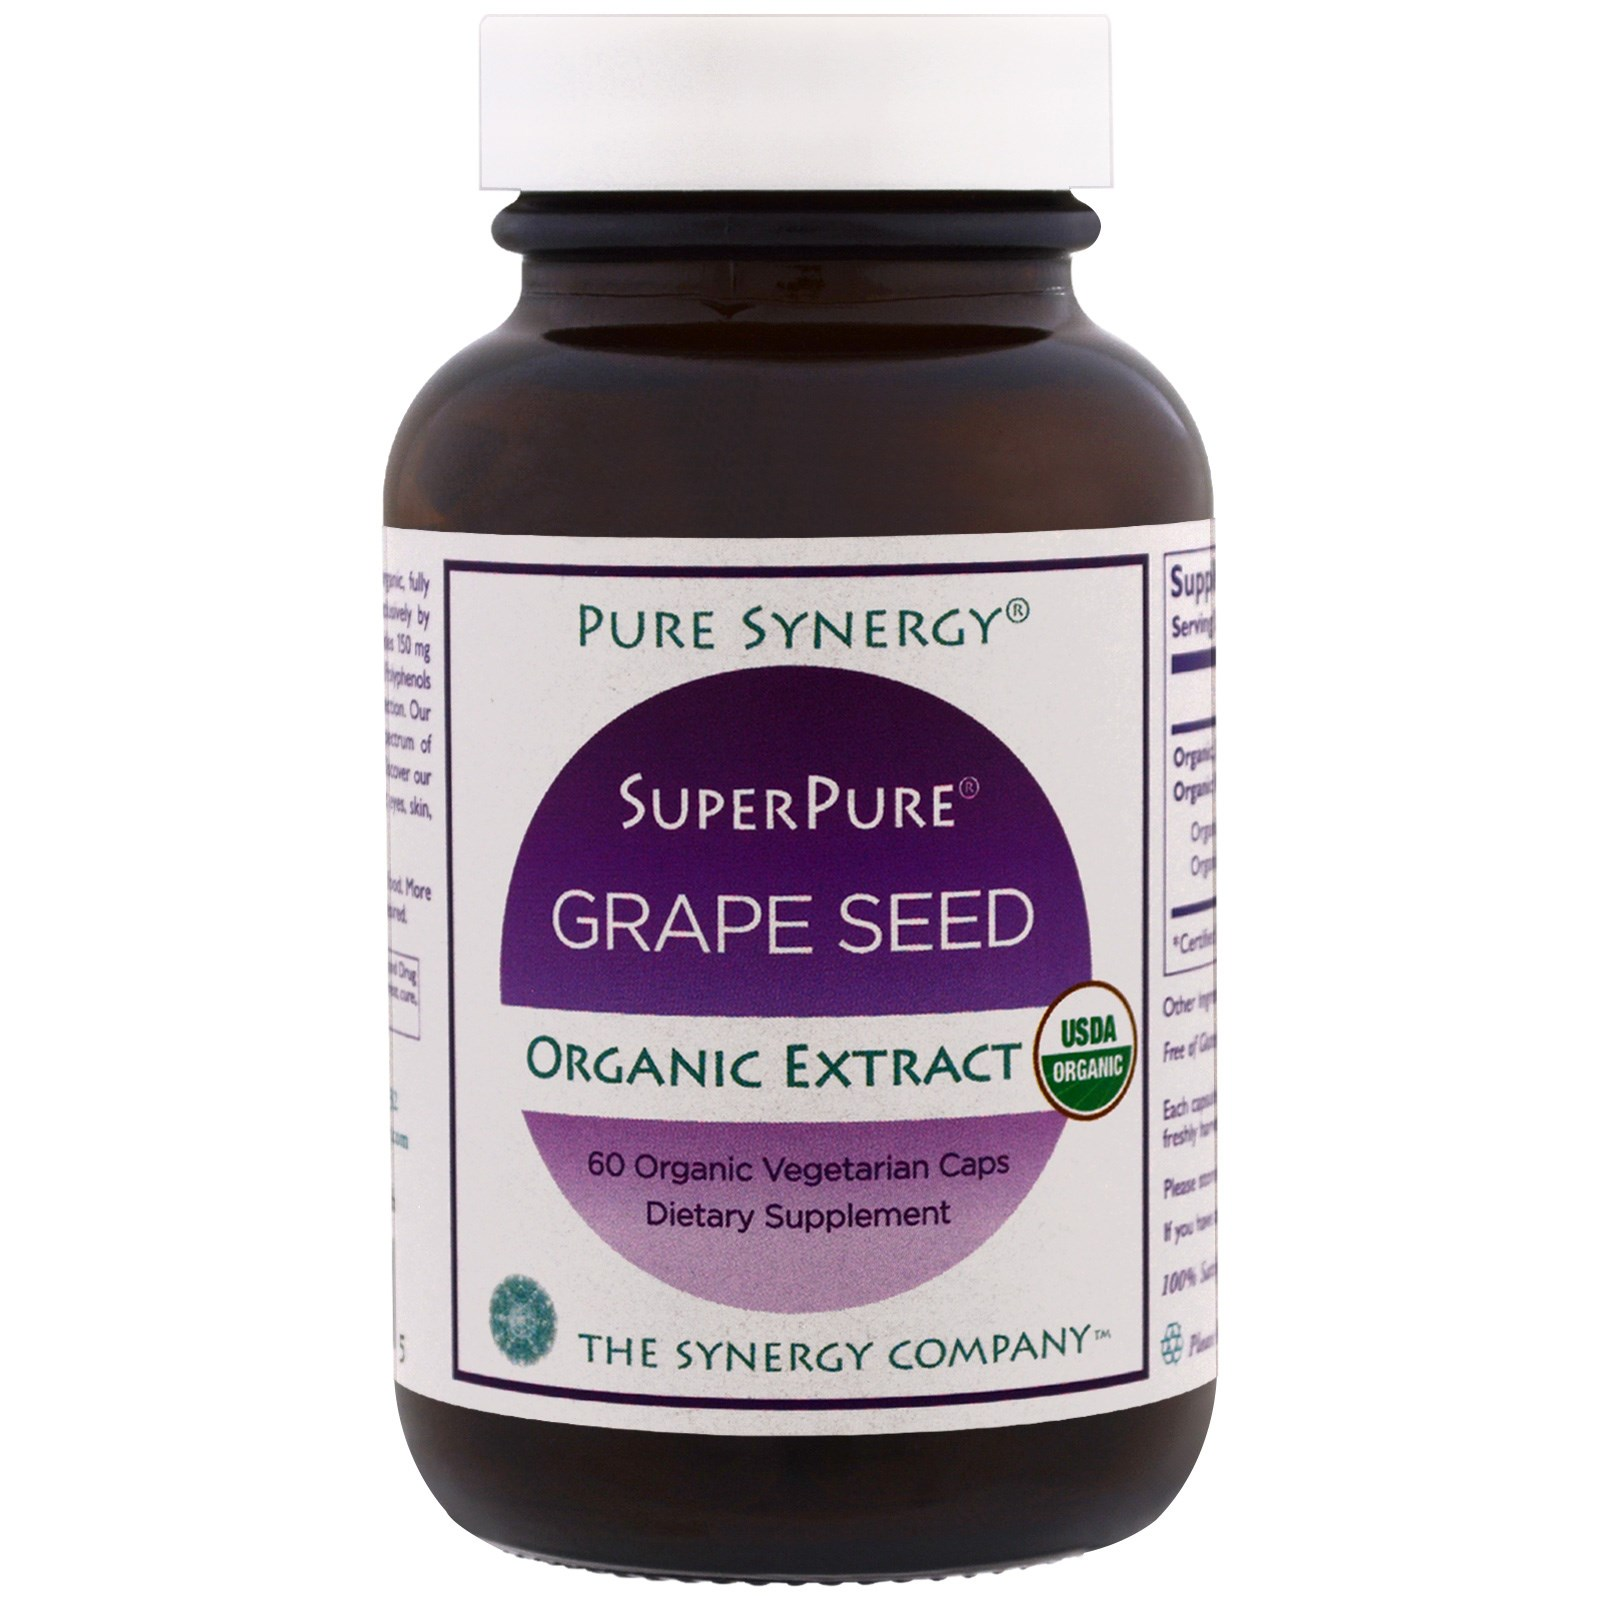 The Synergy Company, Pure Synergy, органический ультрачистый экстракт виноградных косточек, 60 органических капсул в растительной оболочке